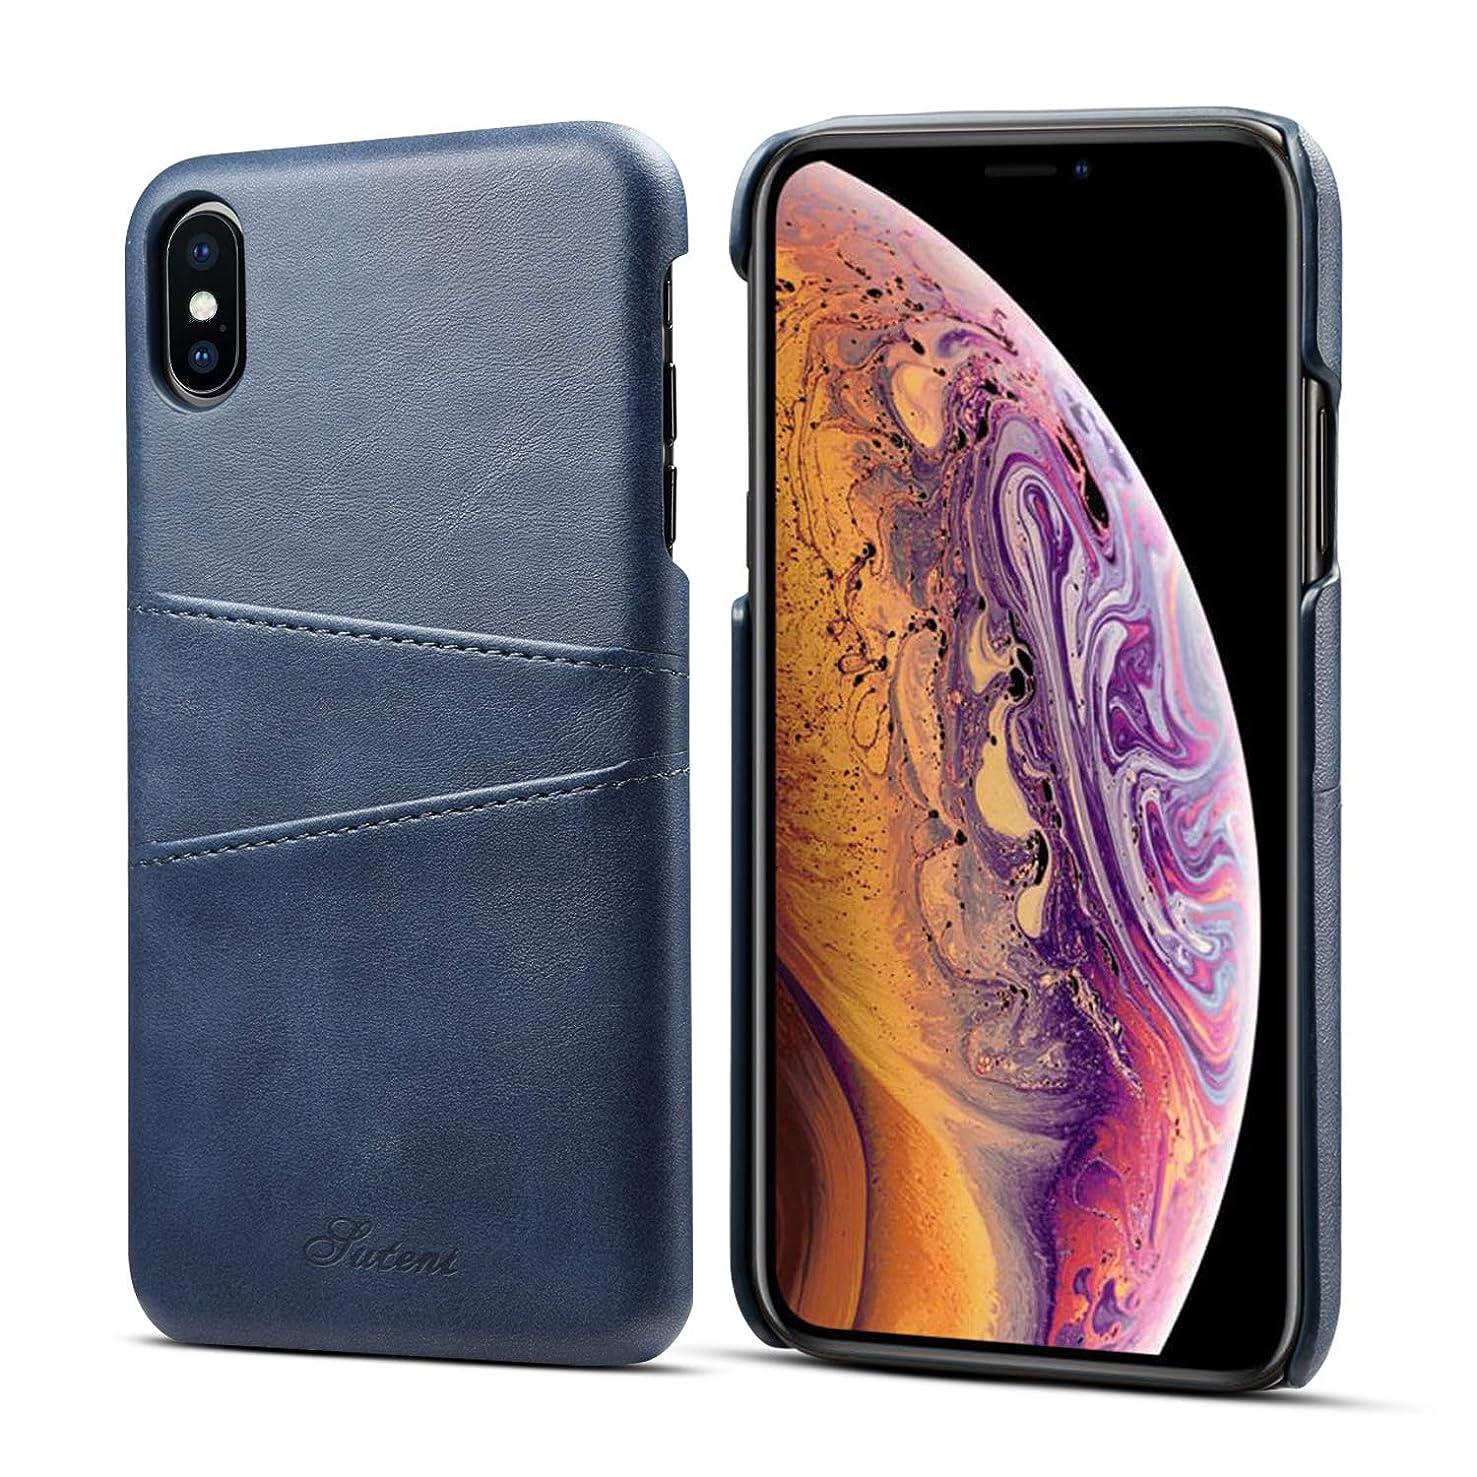 iPhone XS Maxのための財布ケース、カード/ IDホルダースロット付きtaStoneプレミアムPUレザー電話ケースカバー6.5インチiPhone XS Maxのための軽量クラシックスタイルスリム保護スクリーンケース、ライトブラウン